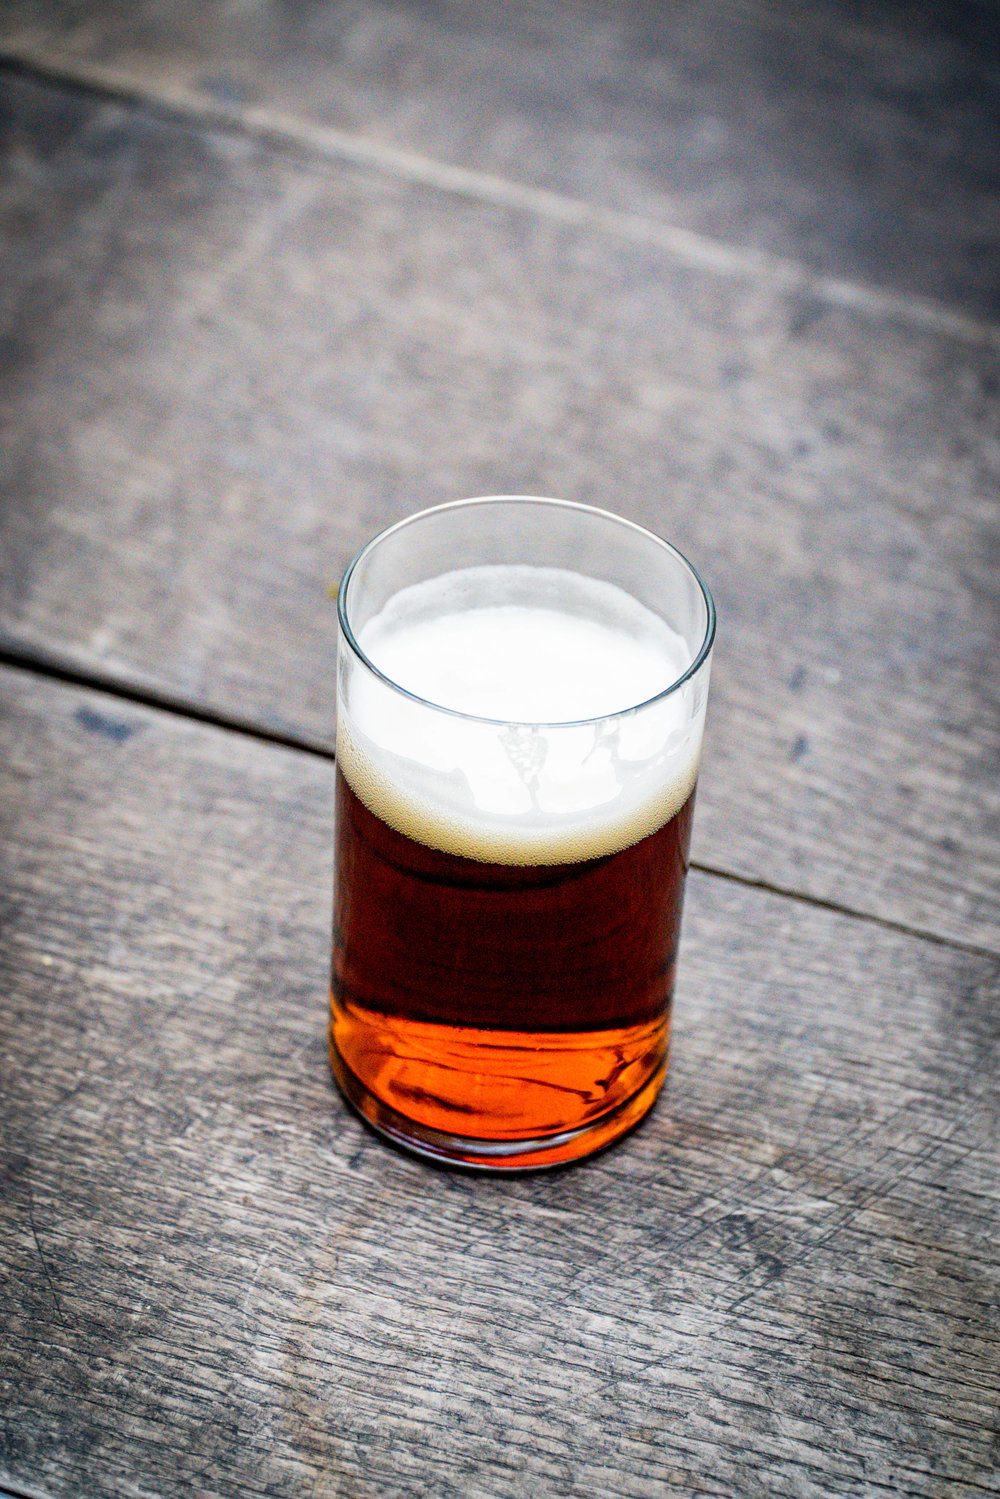 Dusseldorf's own style of beer,Altbier